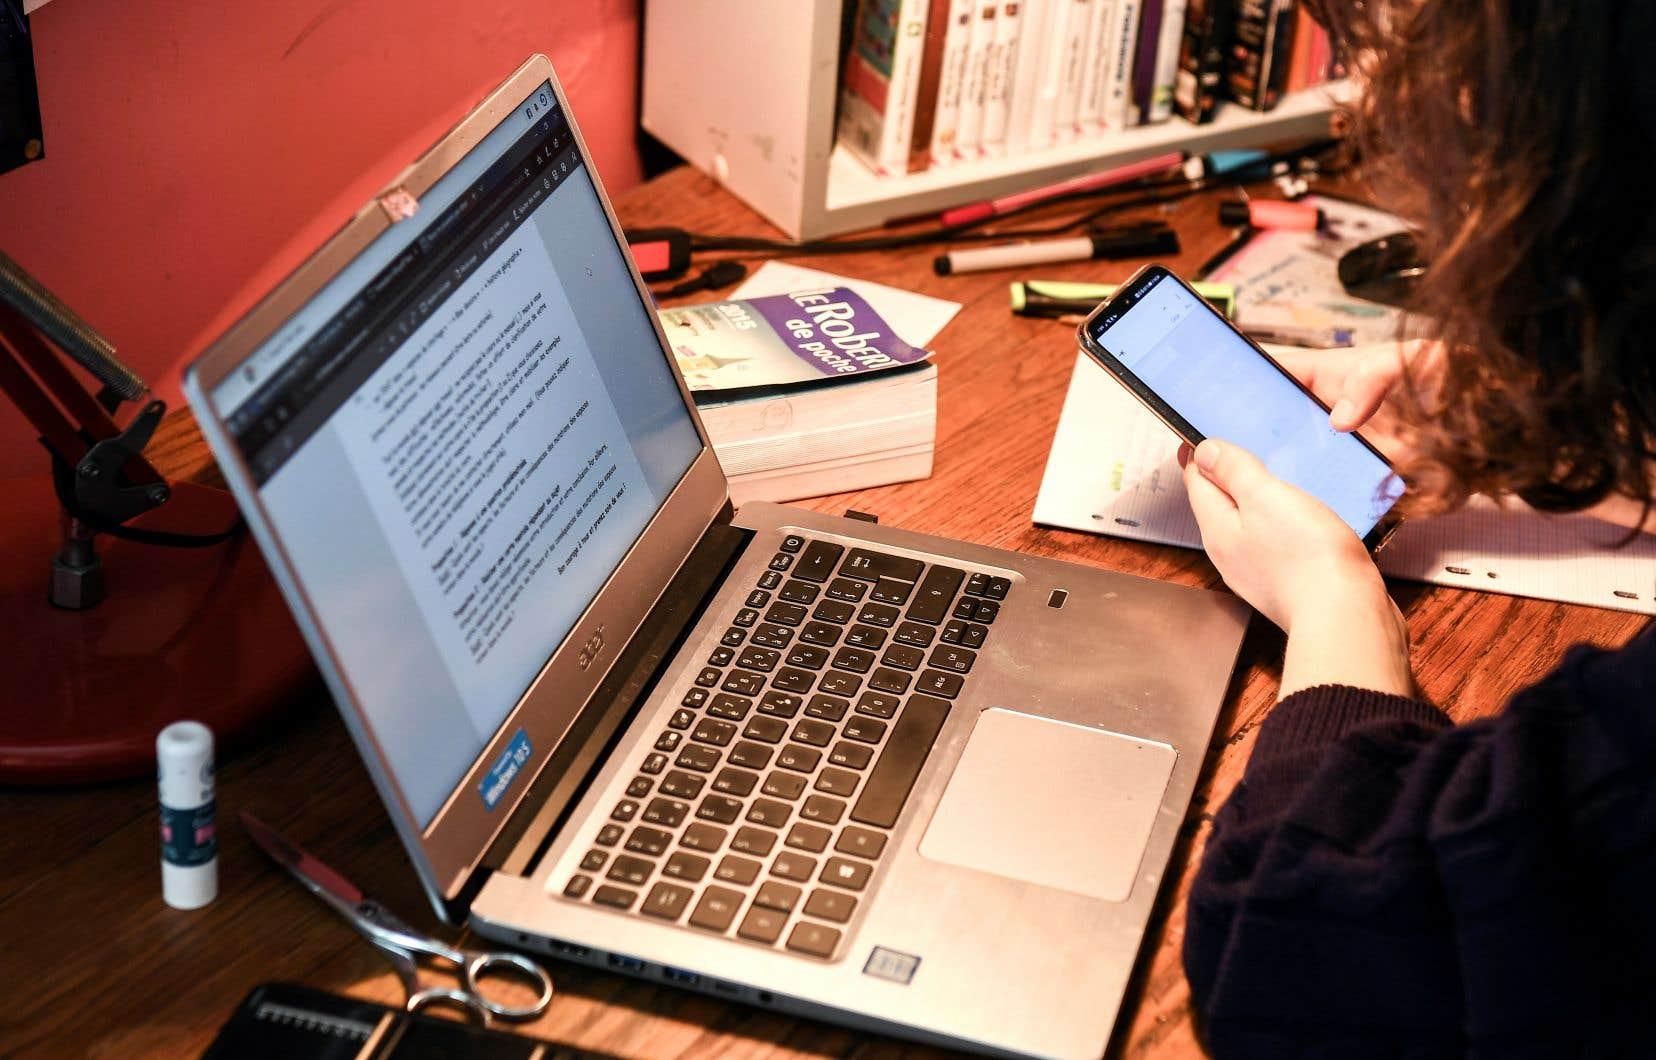 Le Centre de services scolaire de Montréal (CSSDM) estime que 6800 élèves n'ont pas d'ordinateur à la maison.